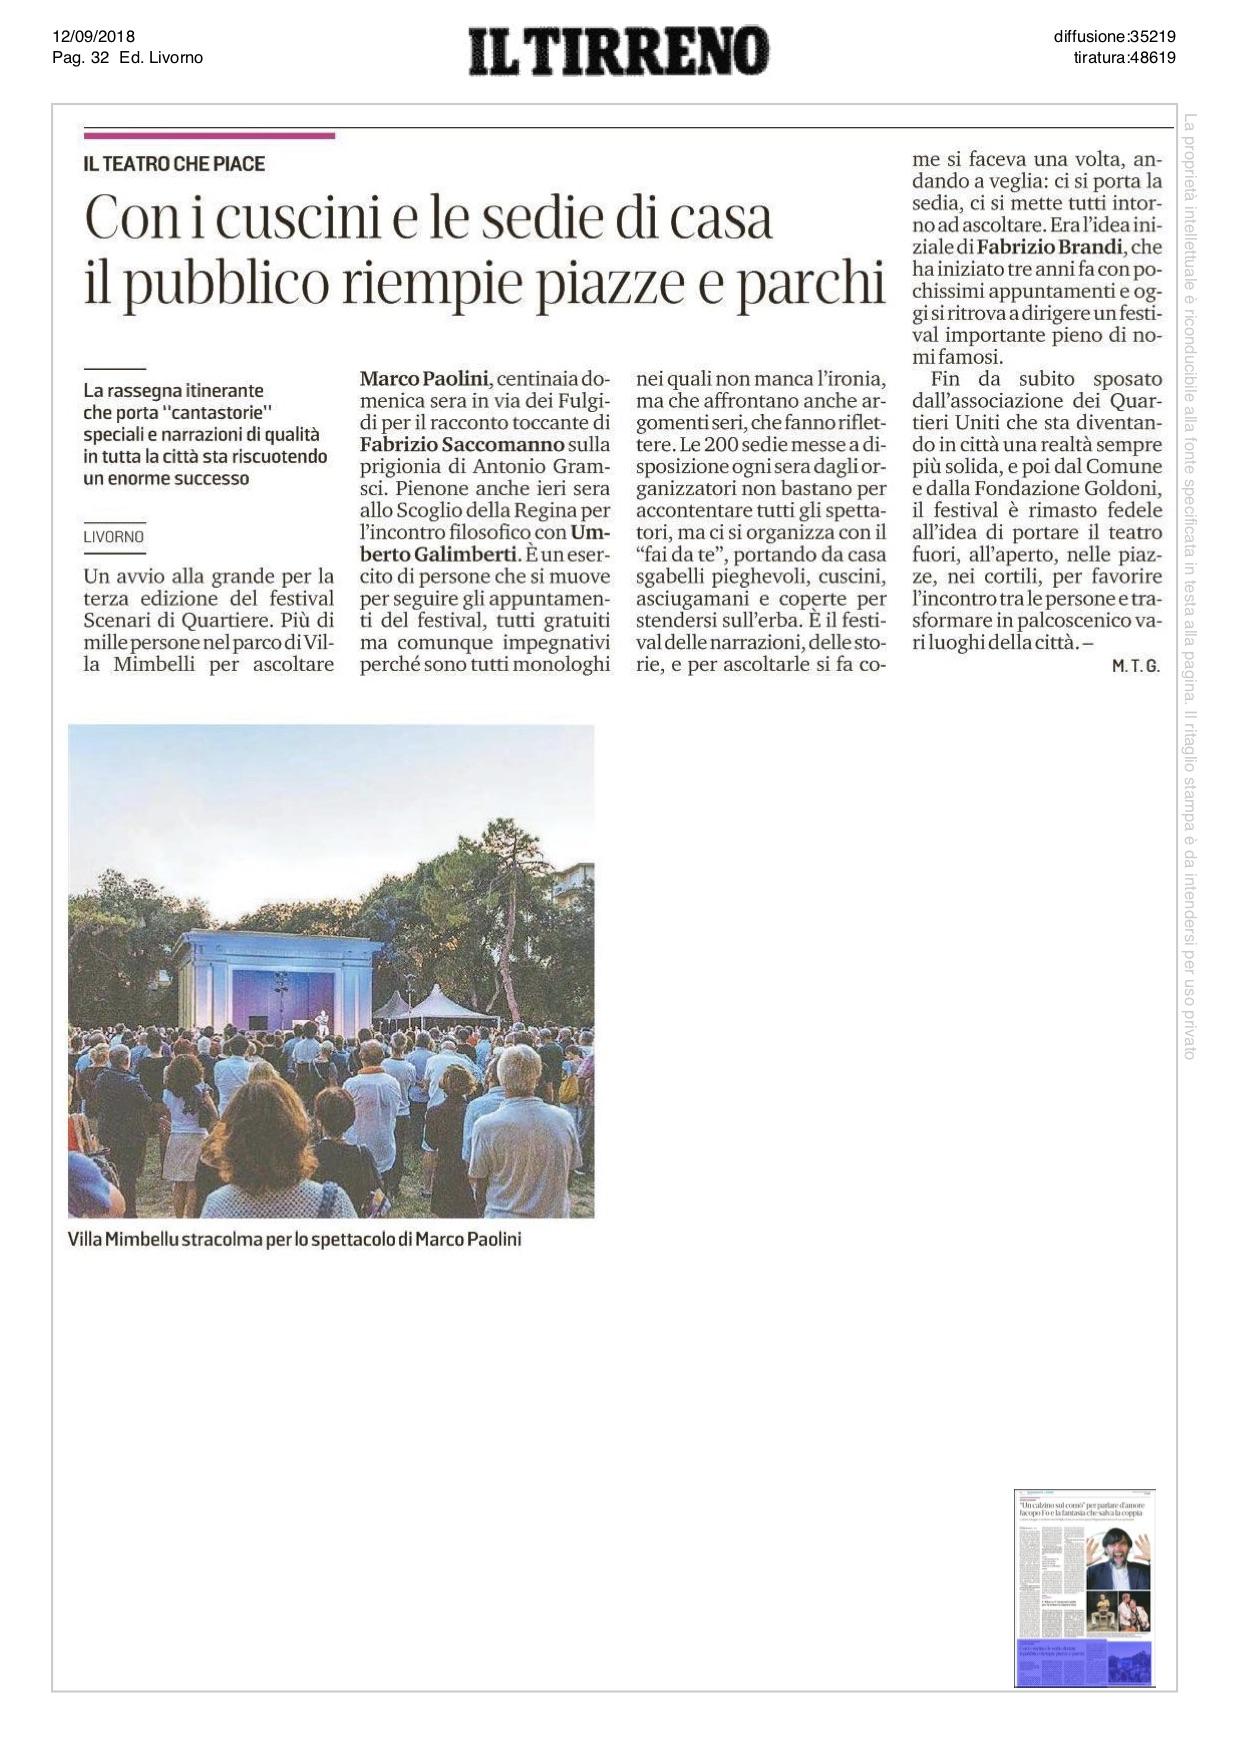 20180912_Il Tirreno Livorno